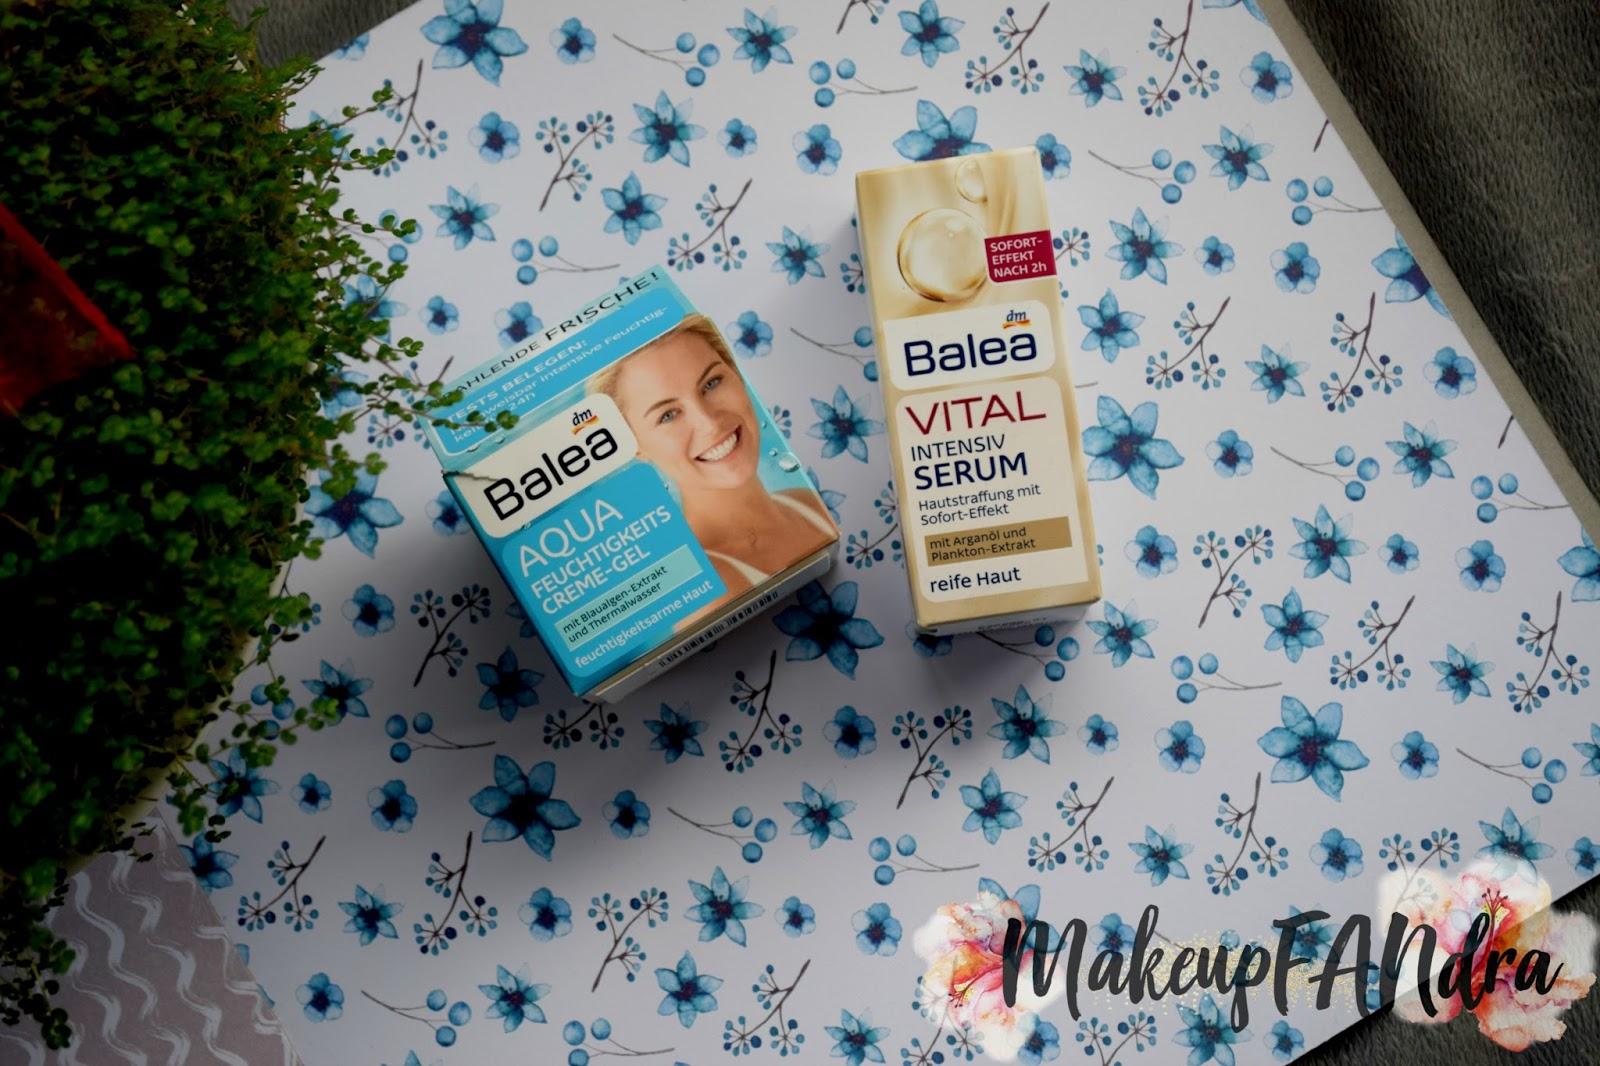 Balea-Aqua-krema-za-lice-Balea-Vital-serum-za-lice